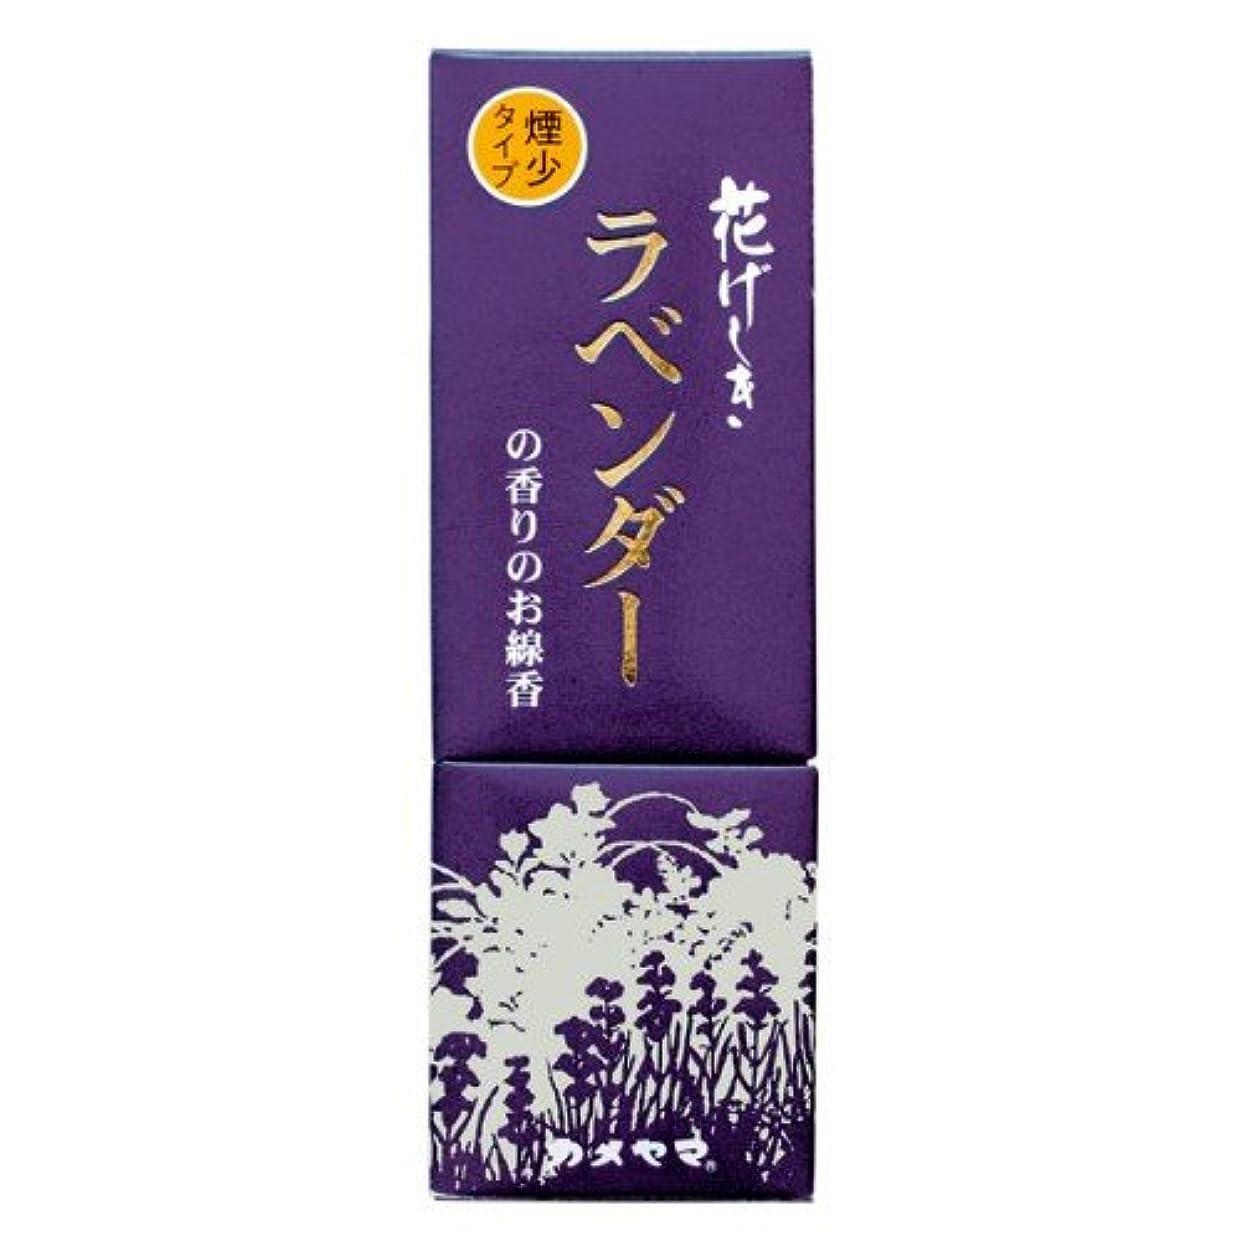 アフリカ人コンパイル型花げしき ラベンダーの香り 縦函 煙少香